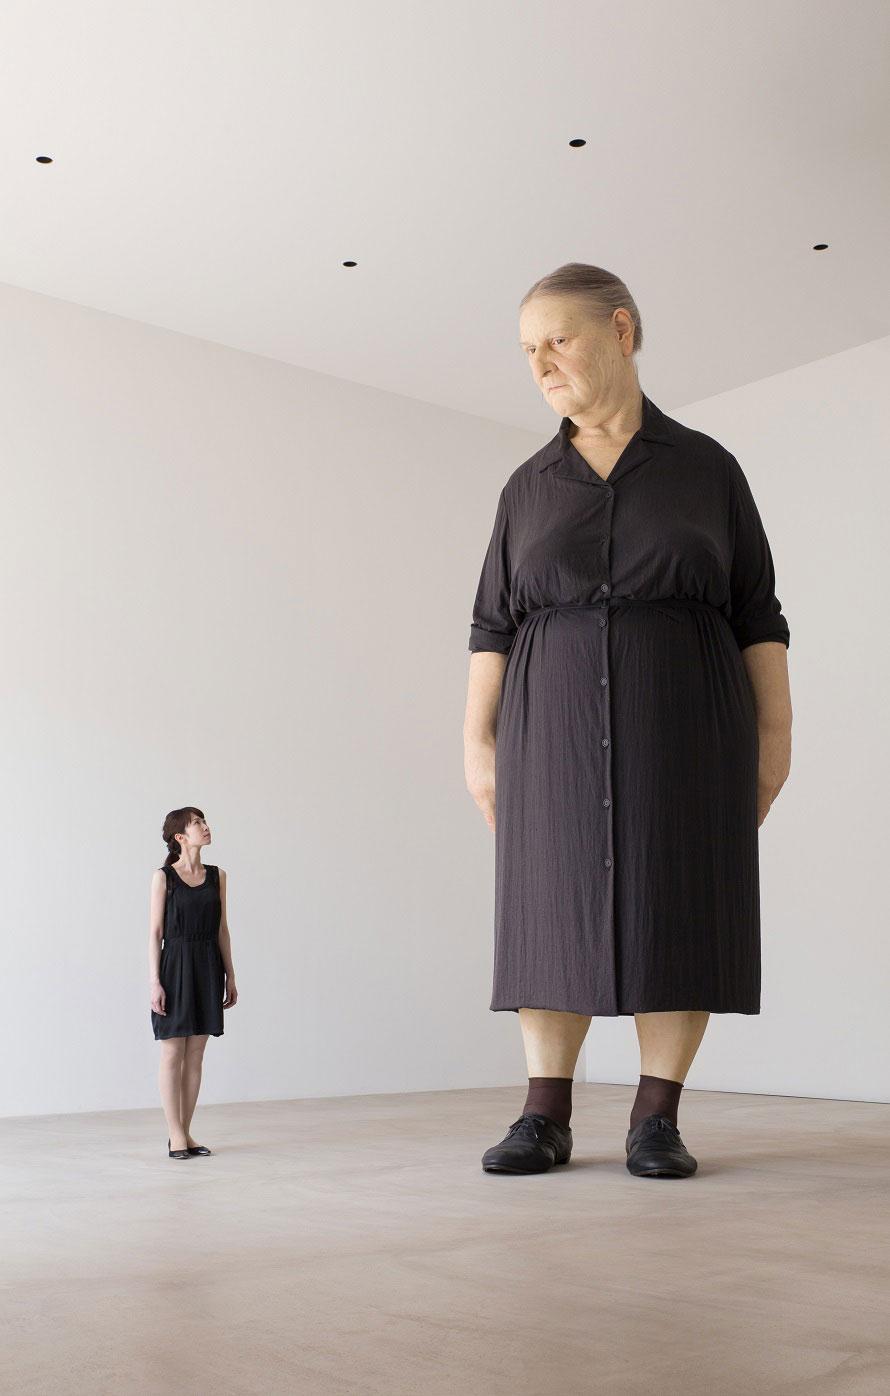 ロン・ミュエクの巨大な彫刻作品。その存在感に圧倒される!ロン・ミュエク《スタンディング・ウーマン》 撮影:小山田邦哉